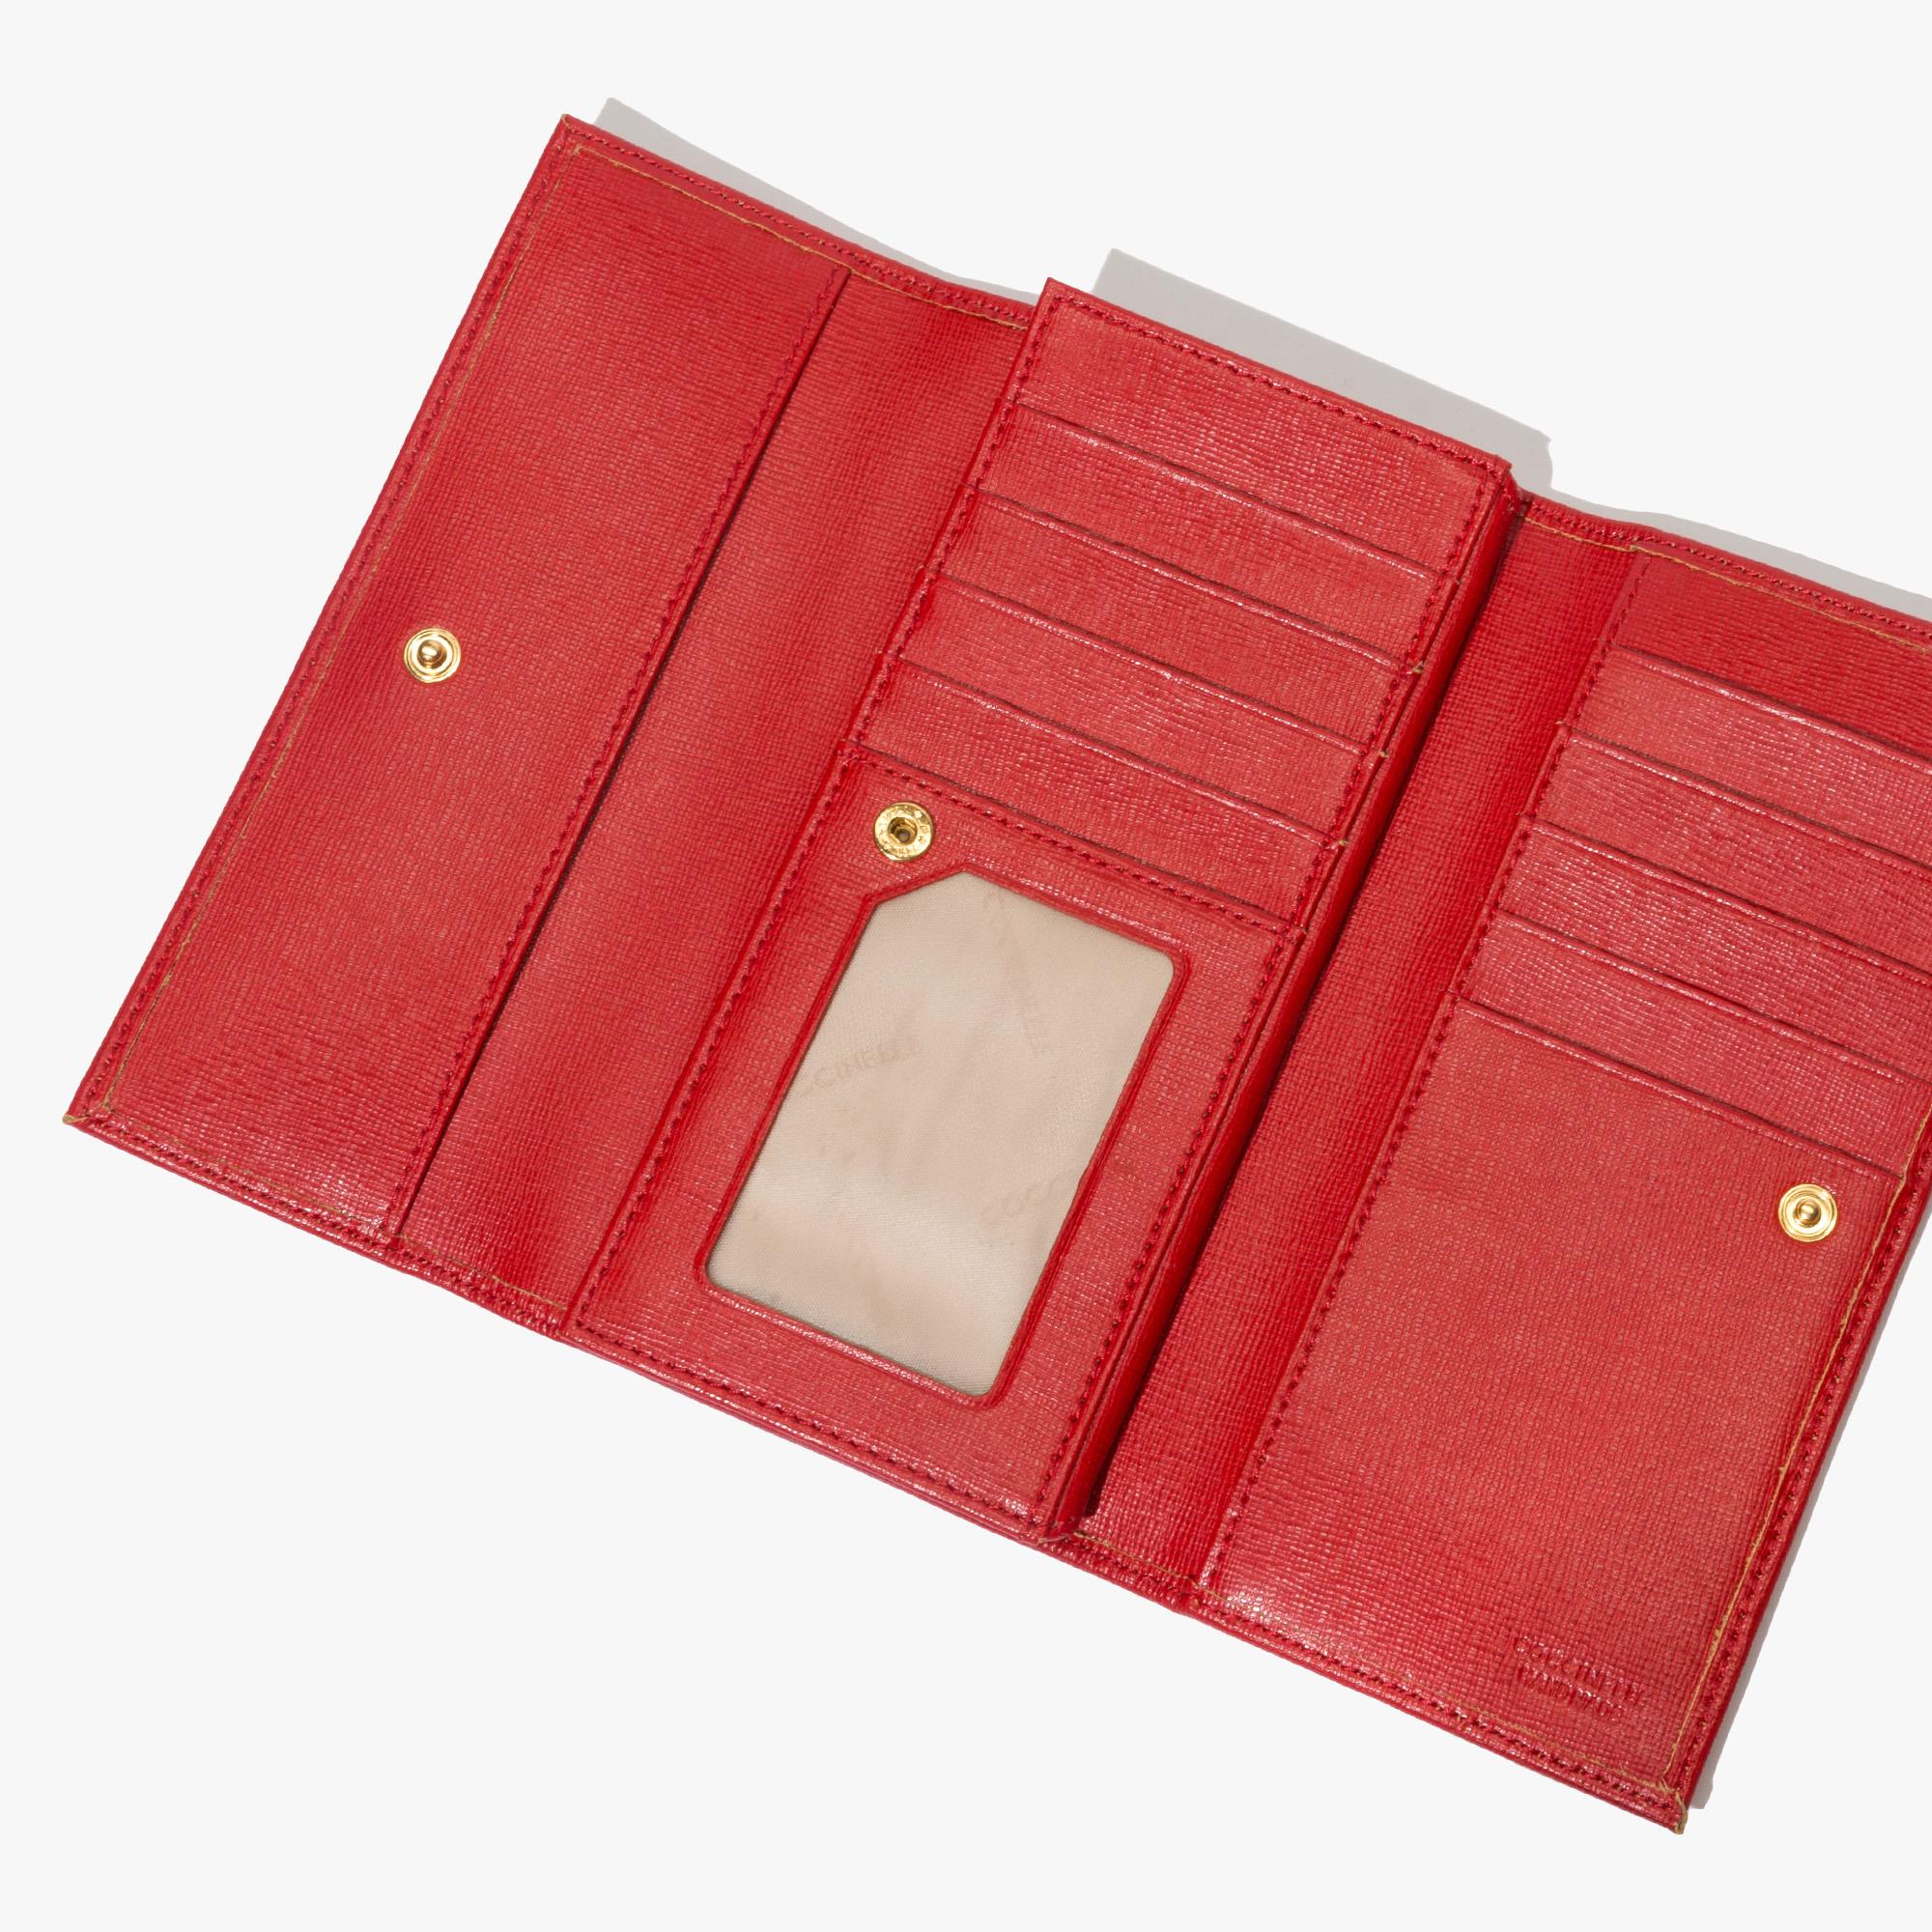 Saffiano wallet